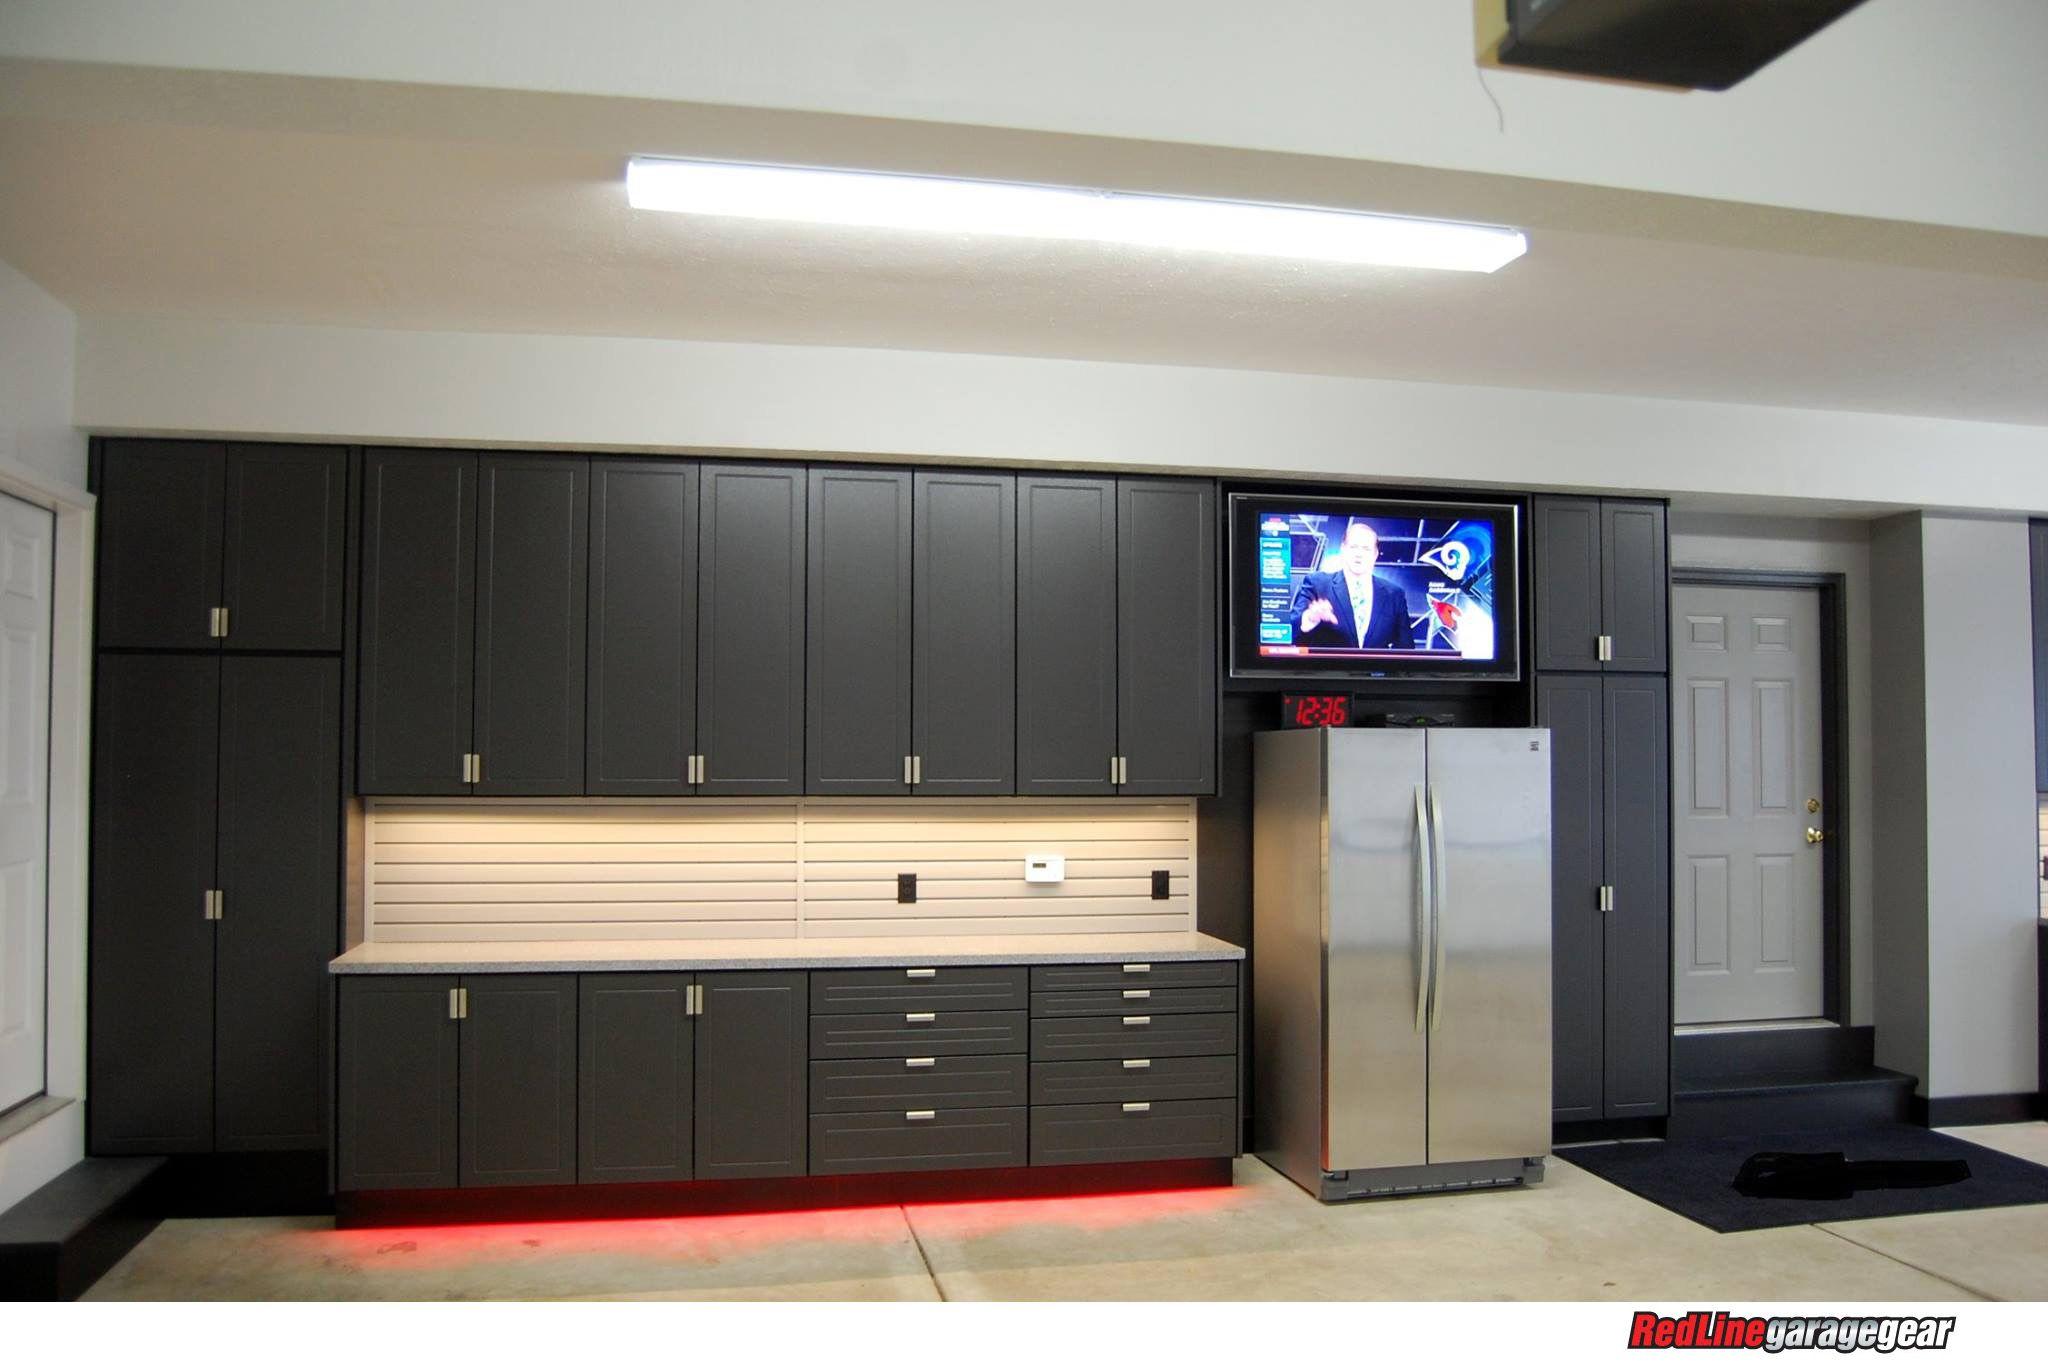 Redline Garagegear Manufactures The Finest Best Garage Cabinets In